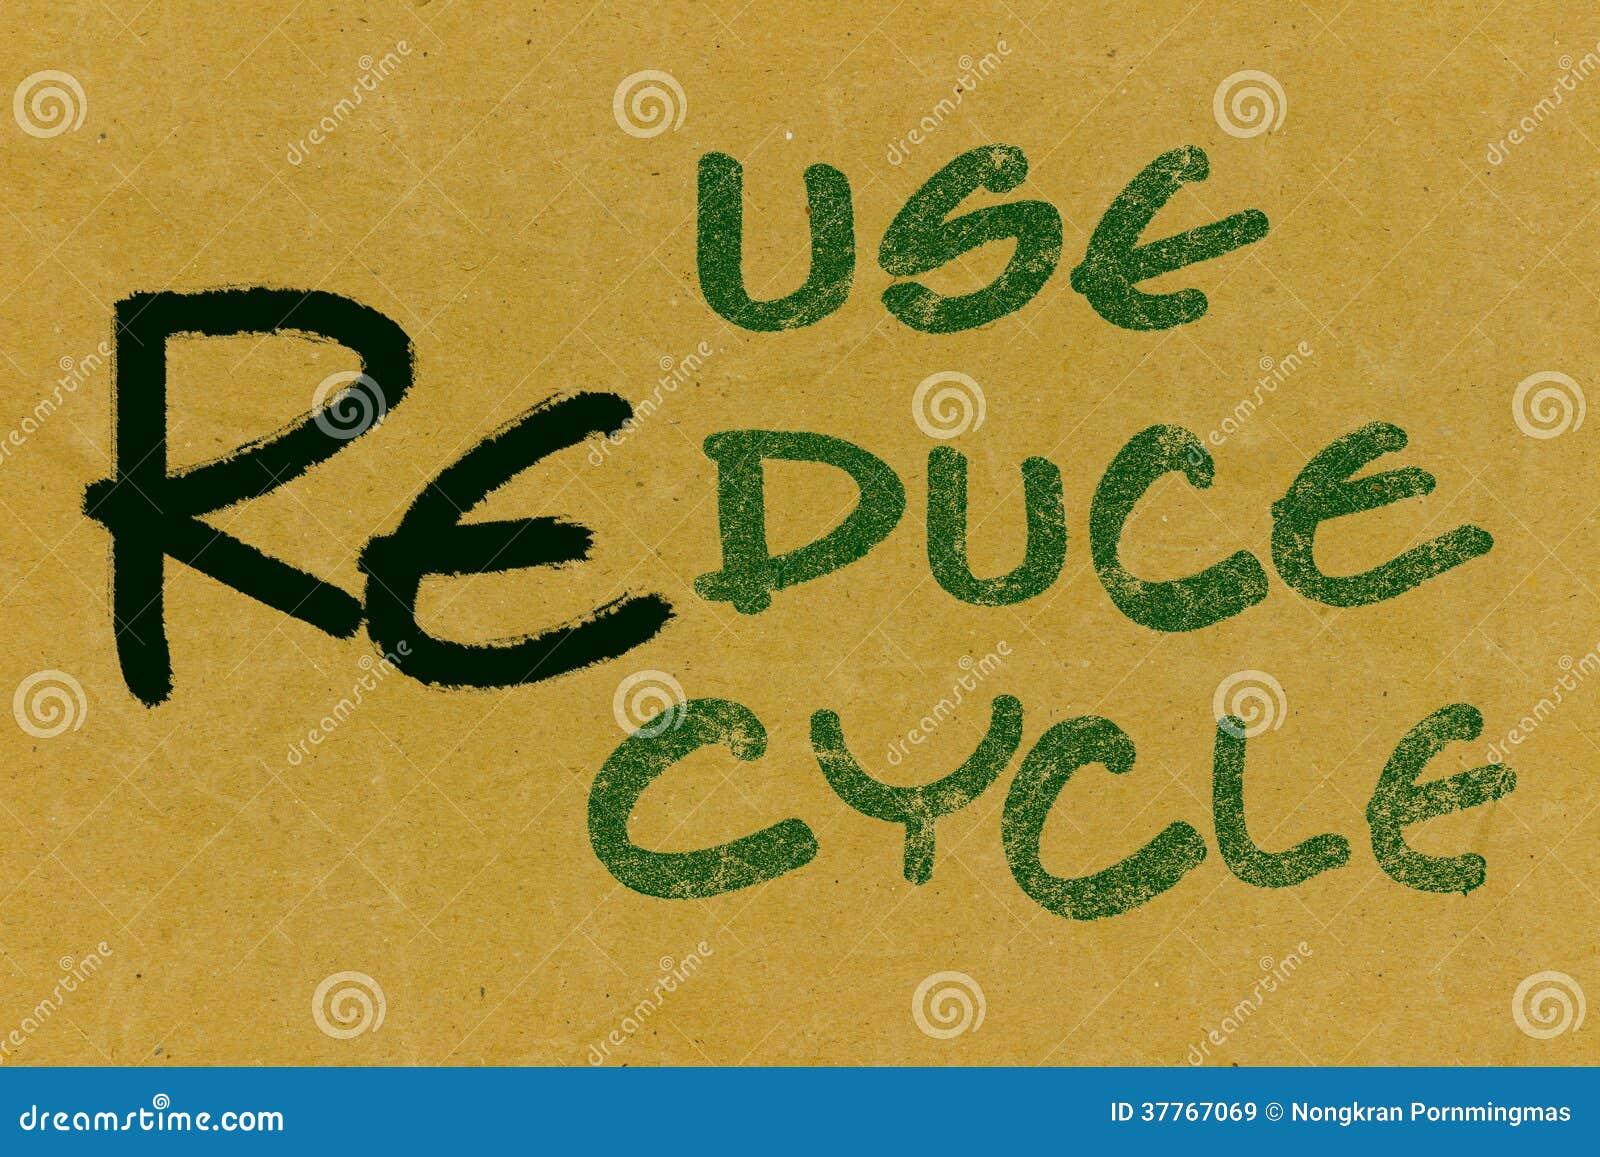 Aufbereiten-Wiederverwendung-verringern Sie Text auf Recyclingpapier